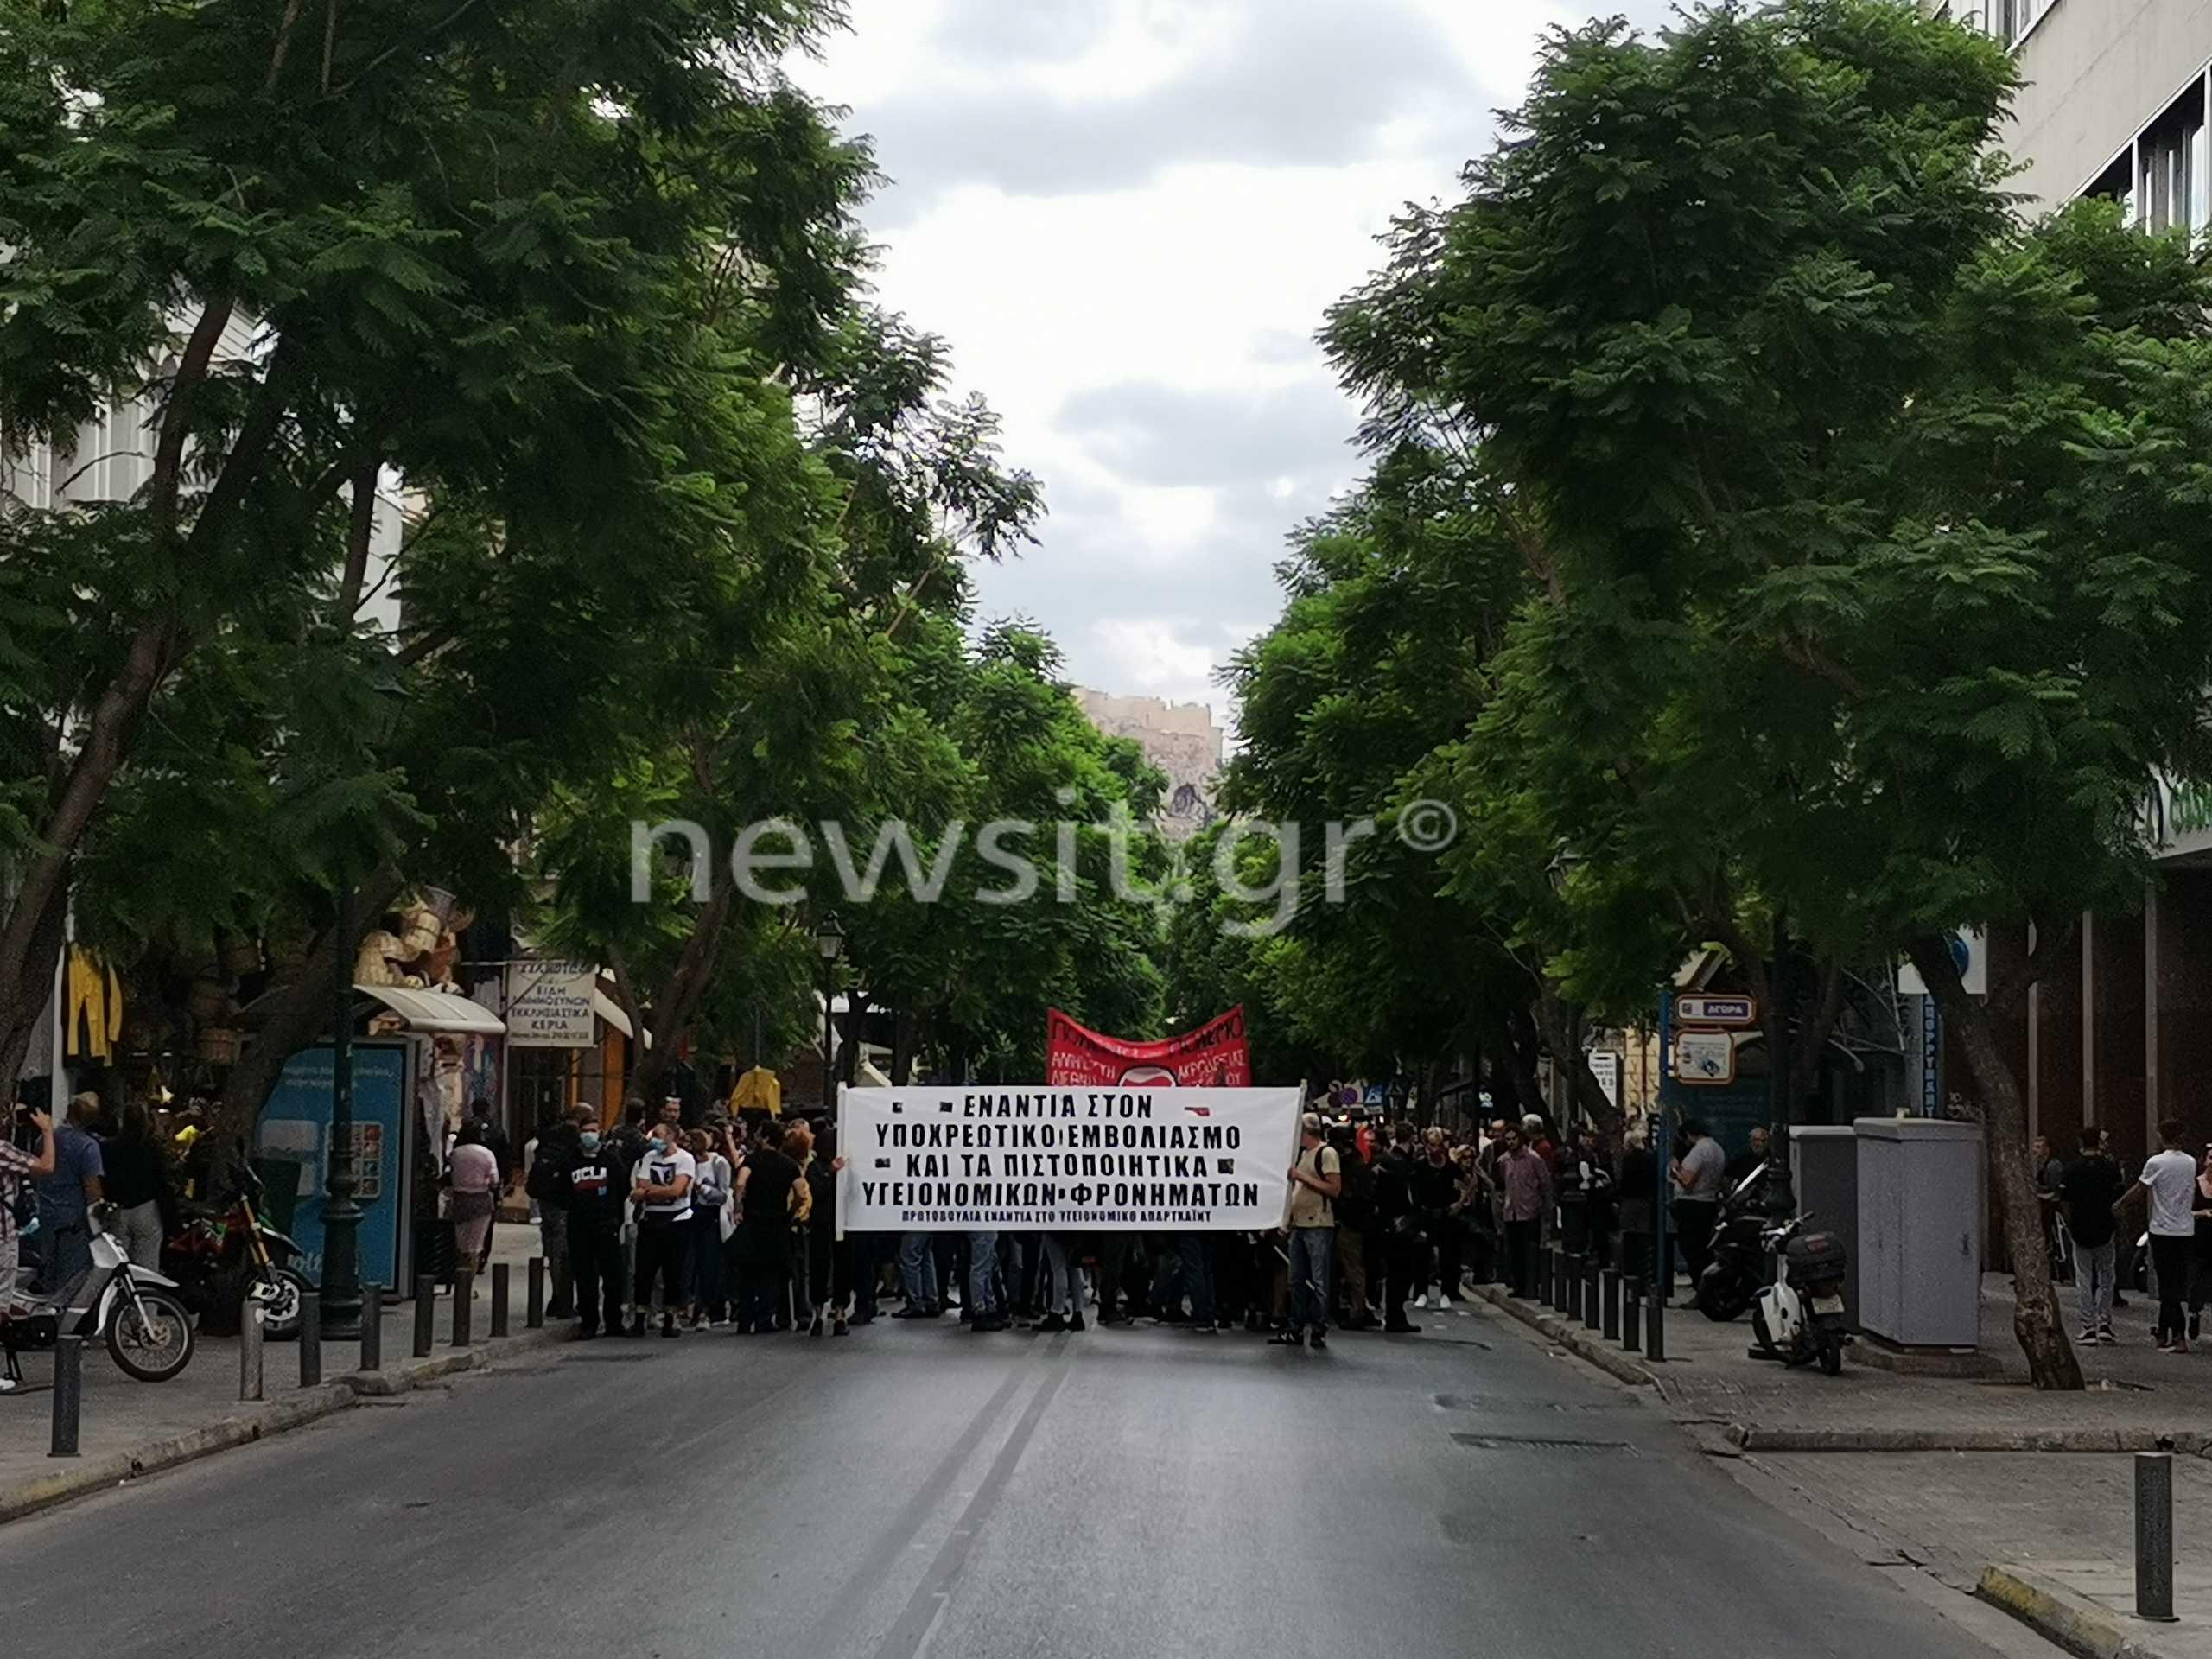 Κορονοϊός: Μια χούφτα αντιεμβολιαστές έκλεισαν το κέντρο της Αθήνας